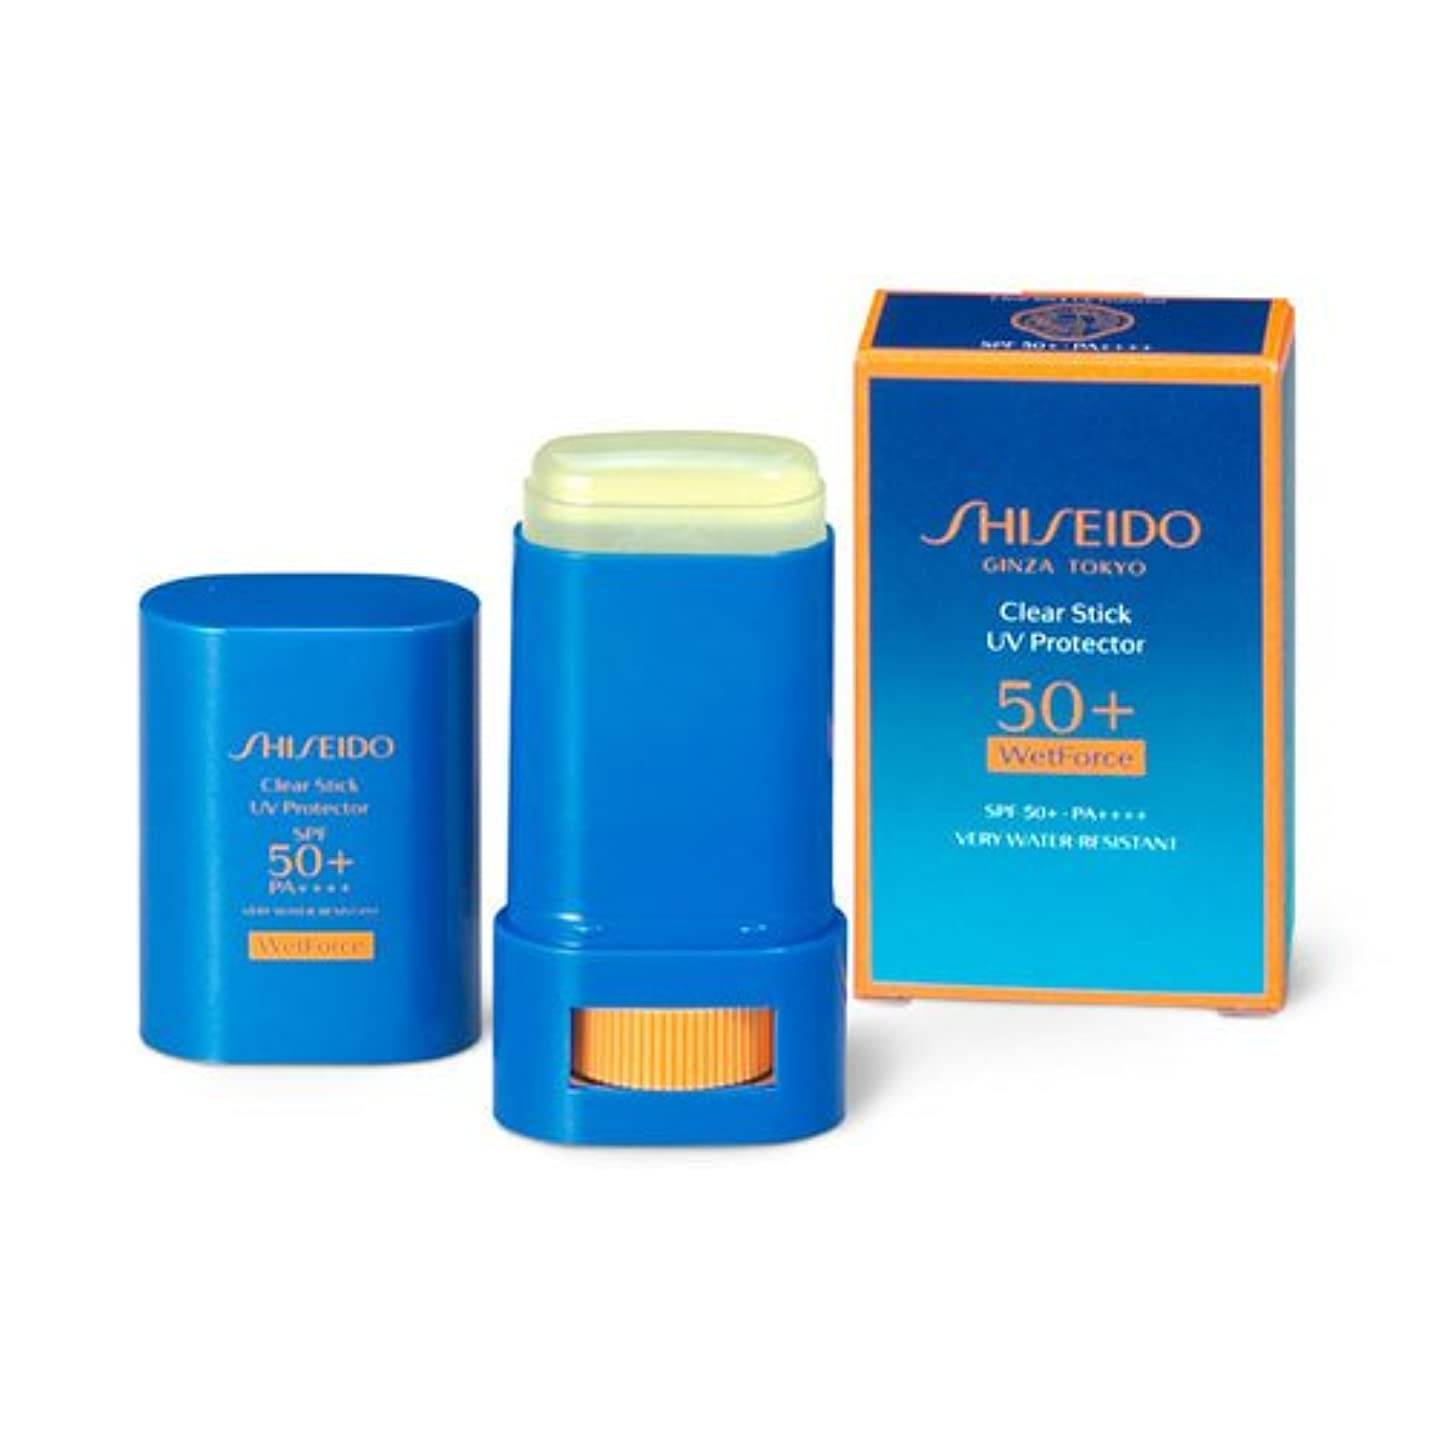 熱意優れた遺伝子SHISEIDO Suncare(資生堂 サンケア) SHISEIDO(資生堂) クリアスティック UVプロテクター 15g